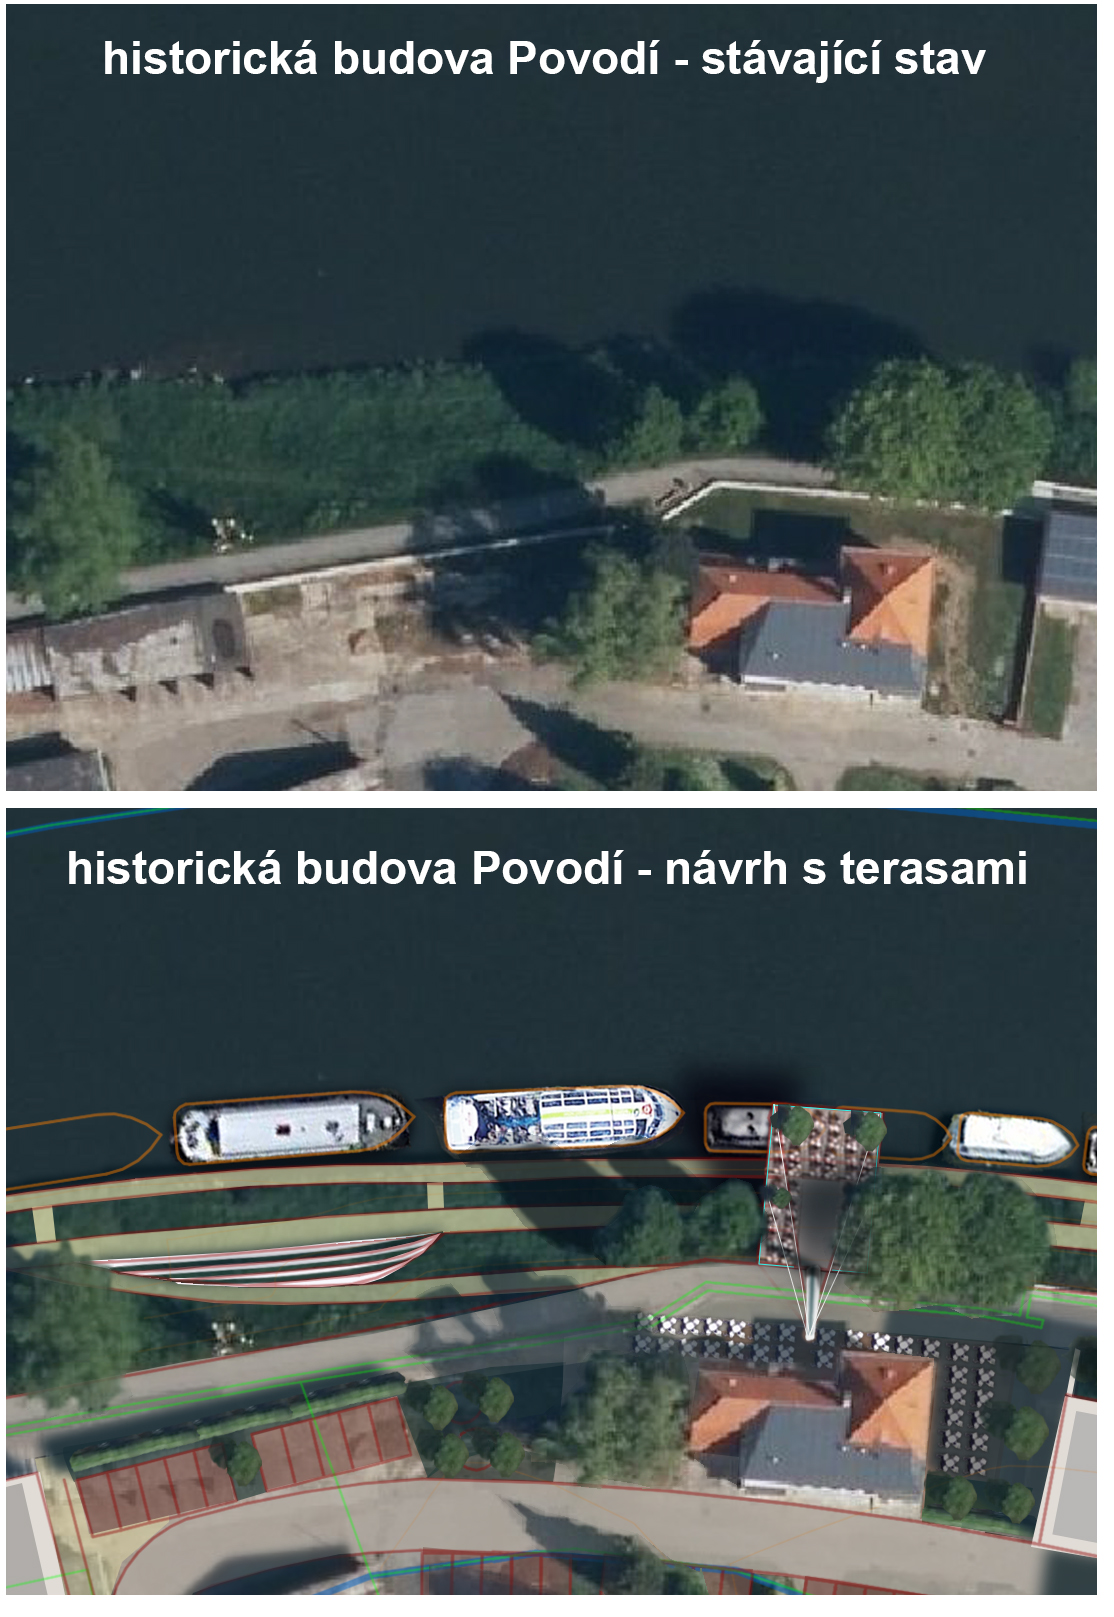 vyhlídková terasa s restaurací v historické budově Povodí řeky Moravy v Uherském Hradišti